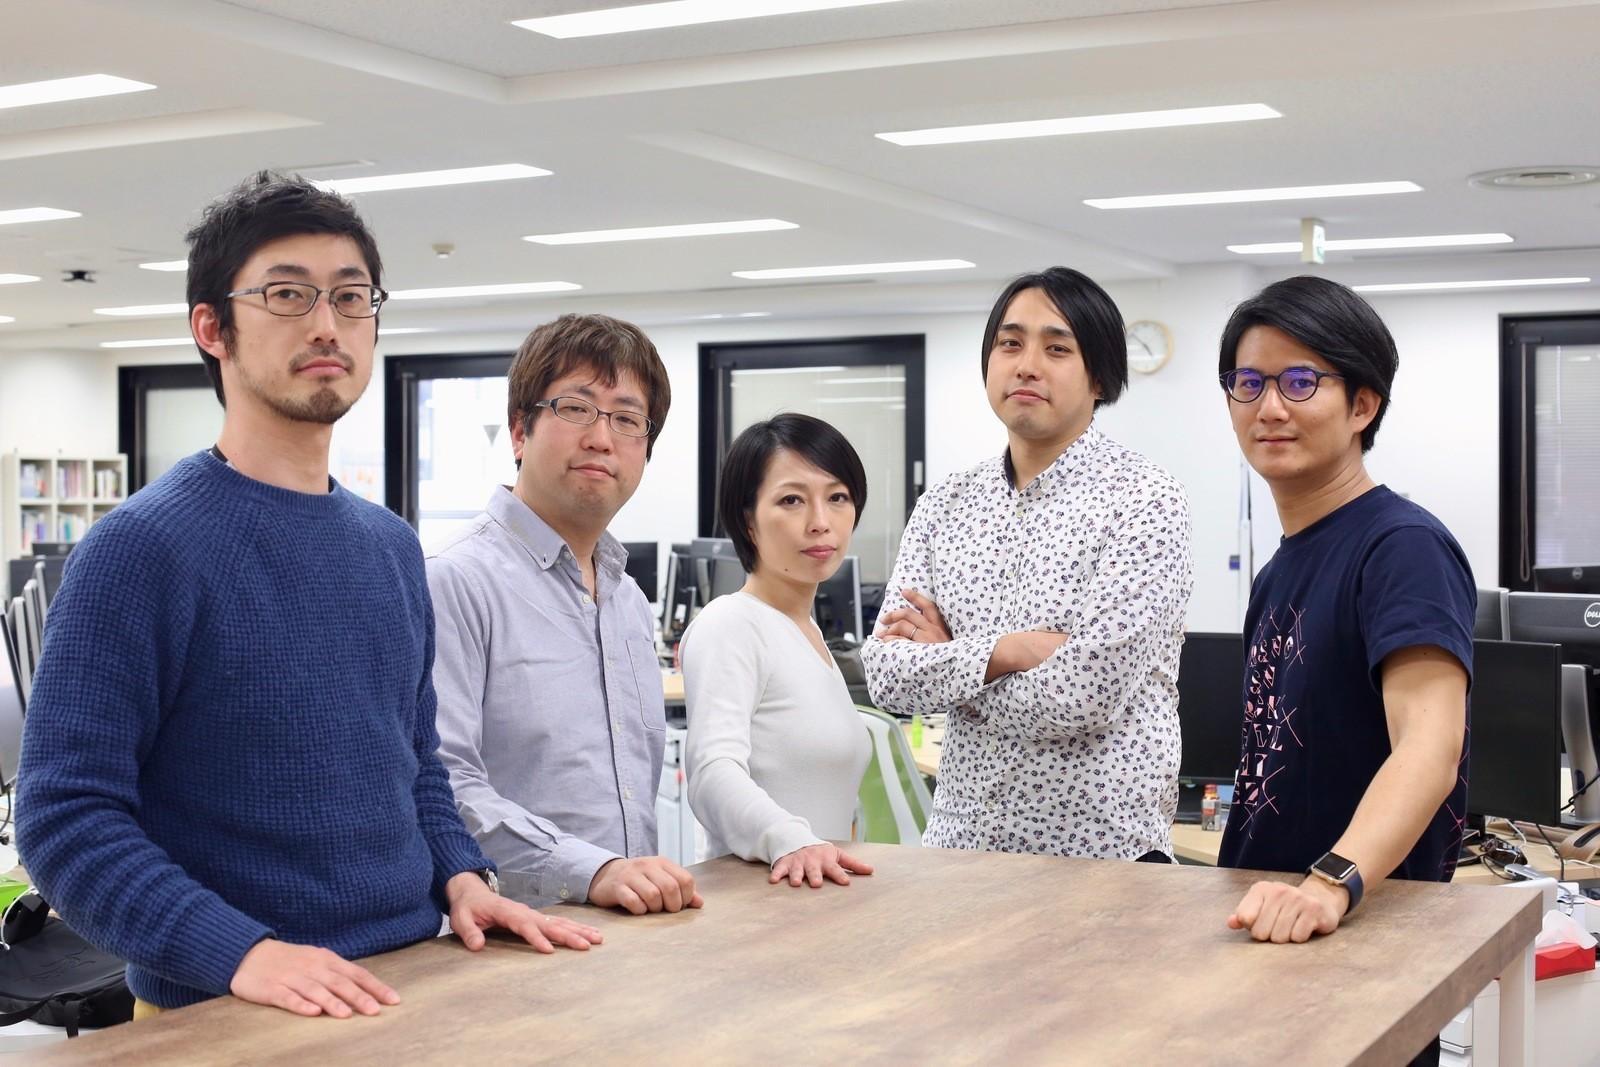 CtoCマーケットの成長を牽引している小さなチームで一緒に働きませんか?Kotlin/Javaエンジニア募集